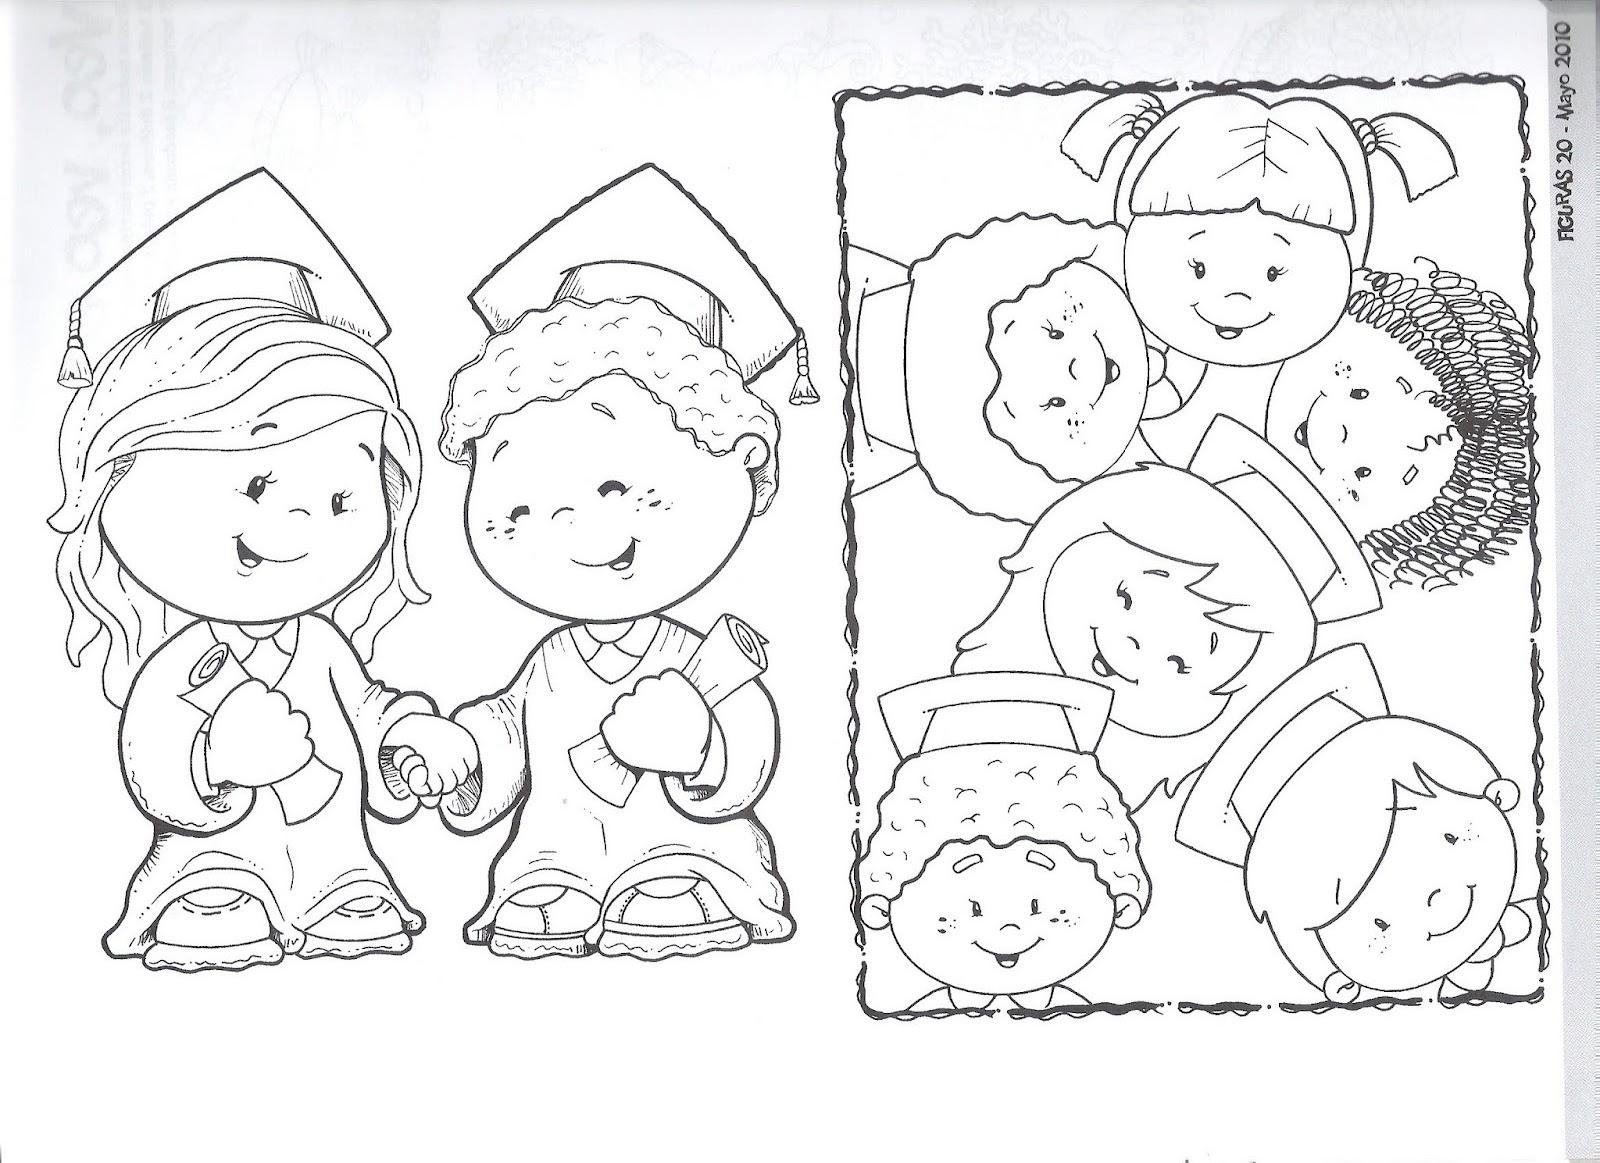 publicado por rosana gomez en jueves diciembre 13 2012